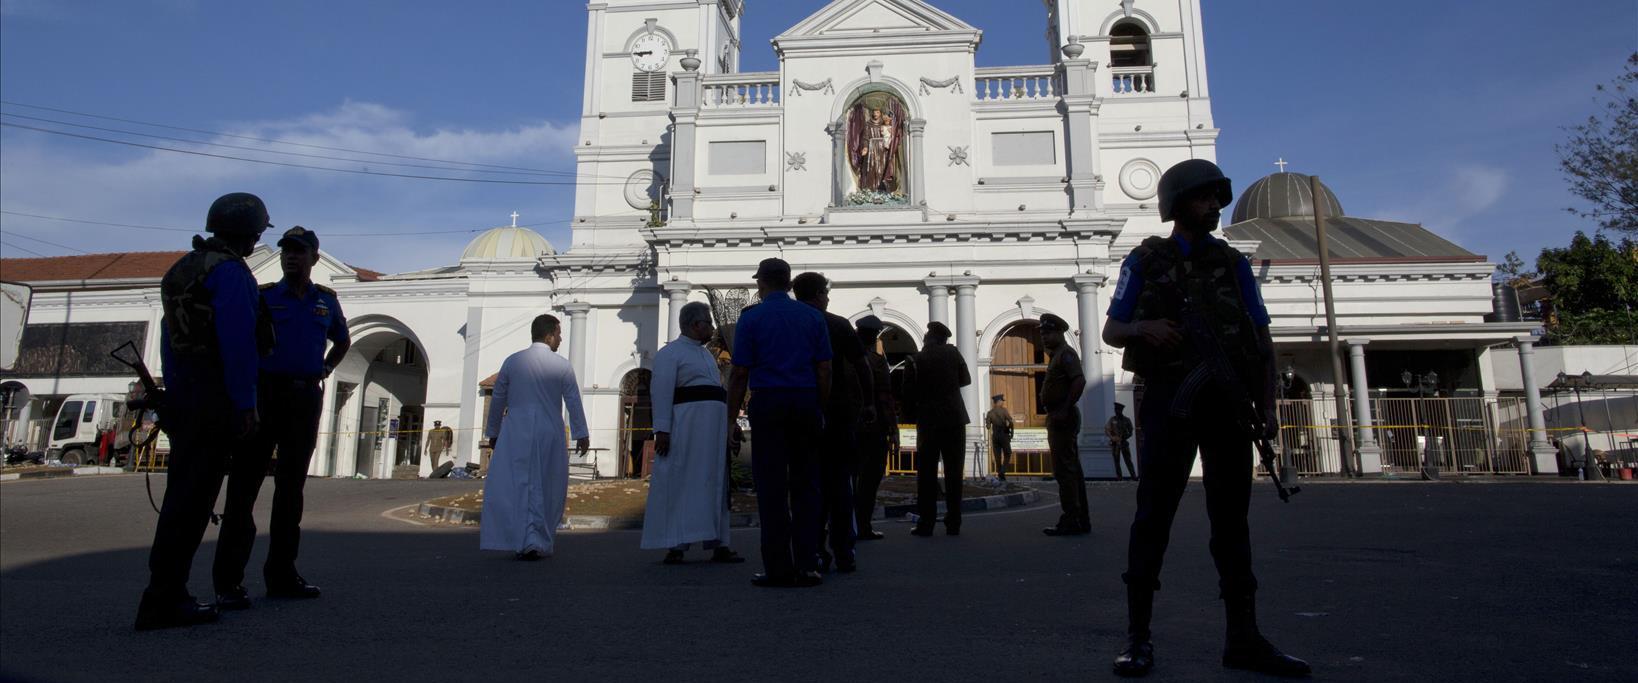 מקדש סנט אנטוני שבו אירע הפיגוע בסרי לנקה, אתמול